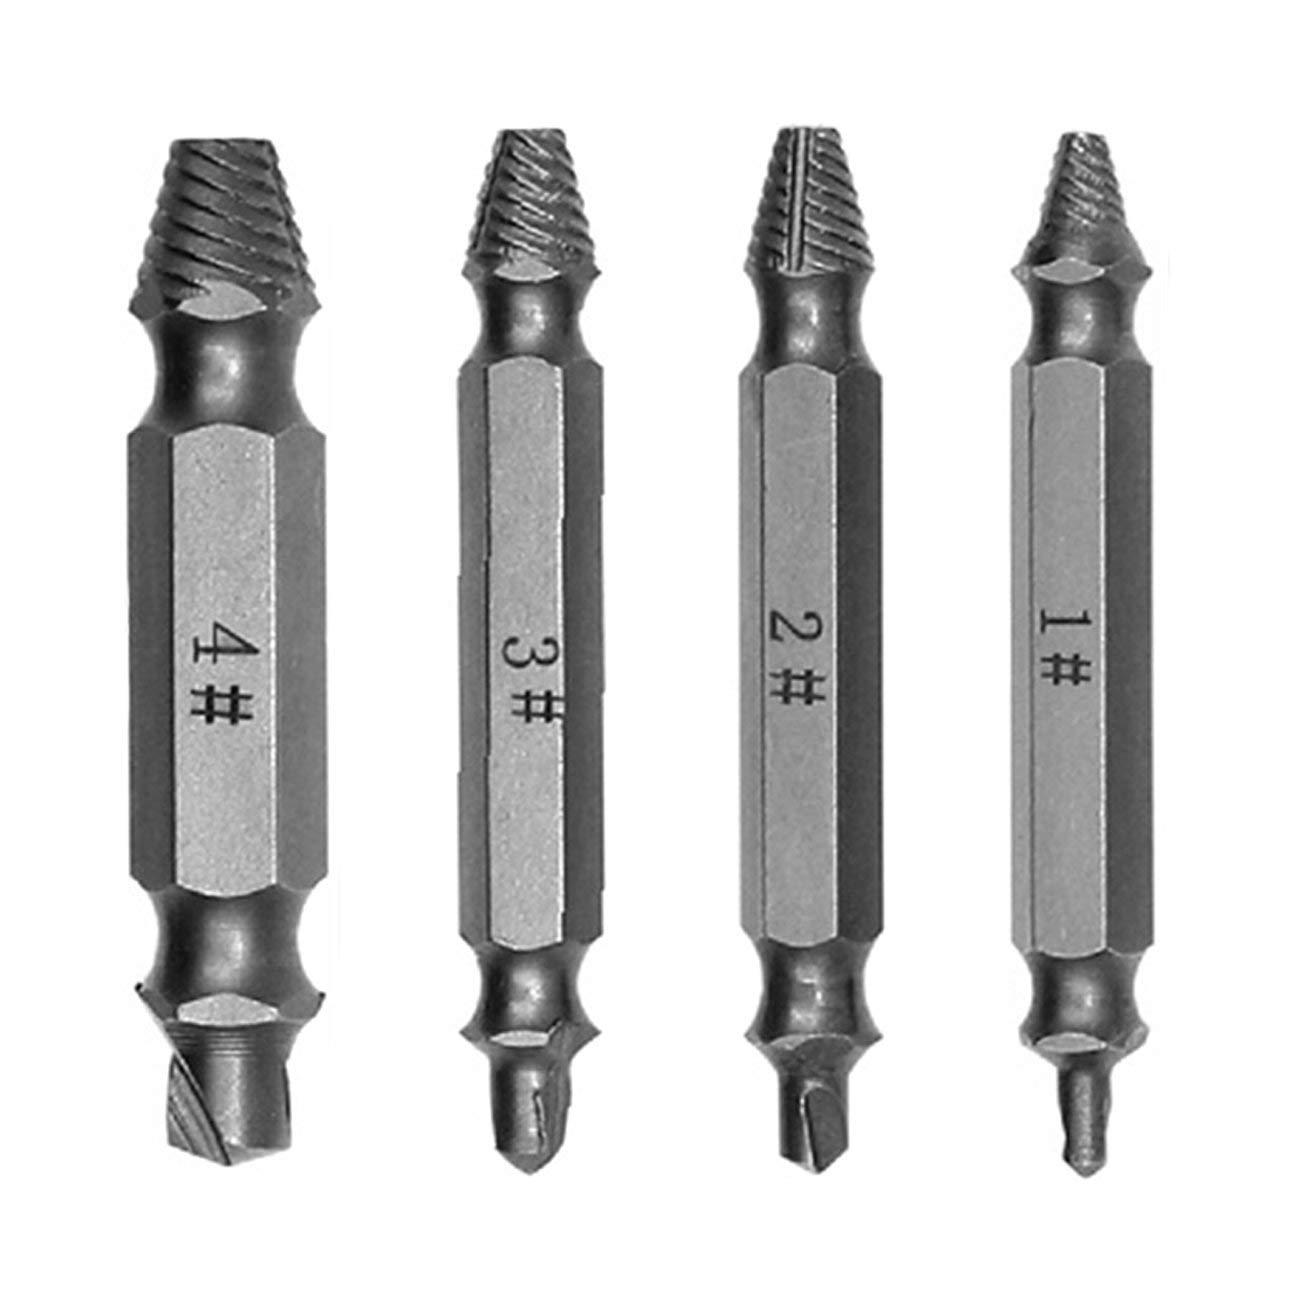 Kit 4 pezzi Doppio lato danneggiato Estrattore a vite estrattore per estratto LO